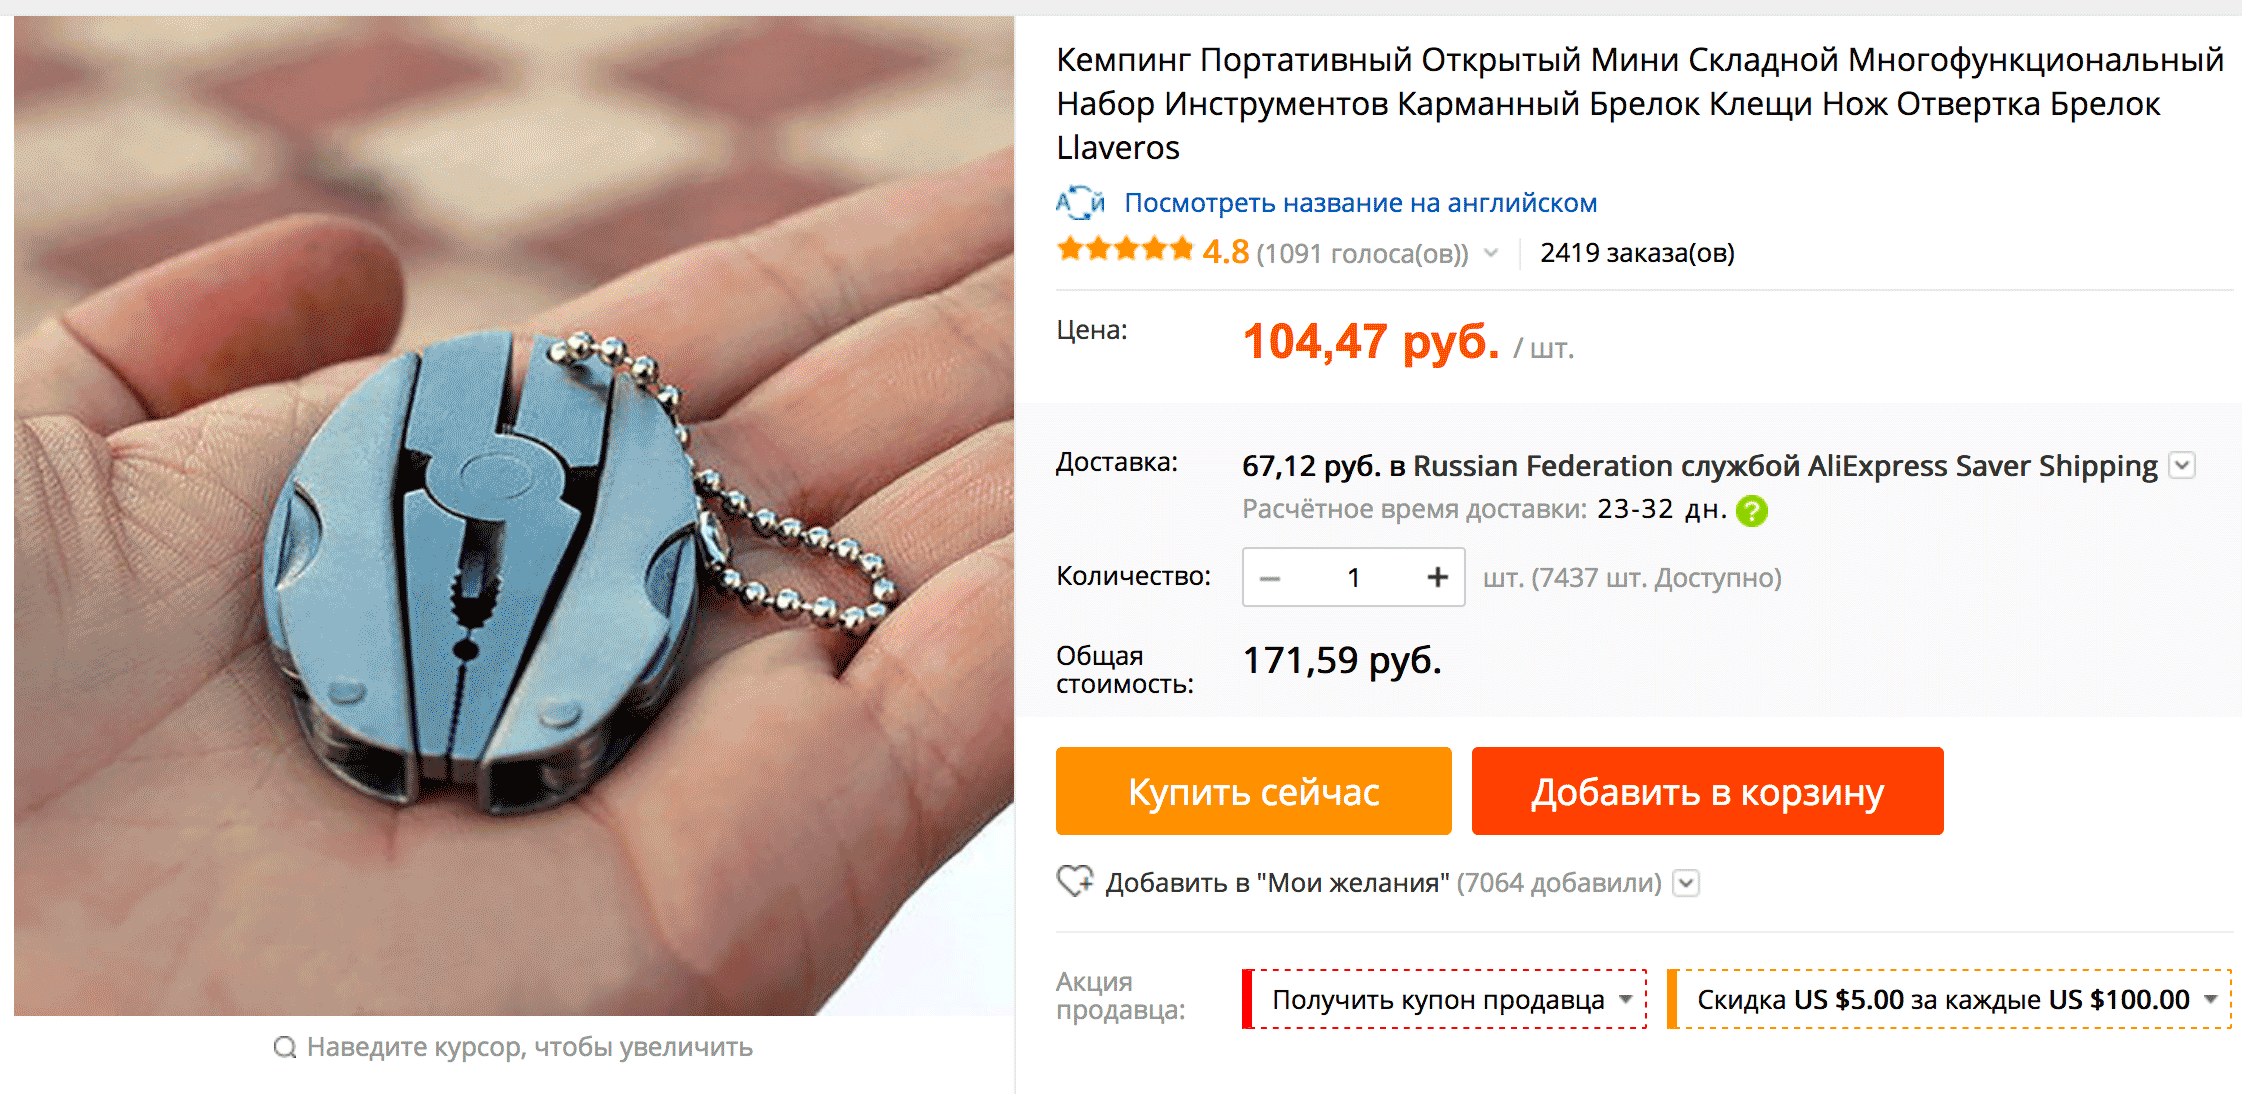 Иногда стоимость доставки сопоставима со стоимостью товара. Товар стоит 104,47<span class=ruble>Р</span>, а его доставка 67,12<span class=ruble>Р</span>